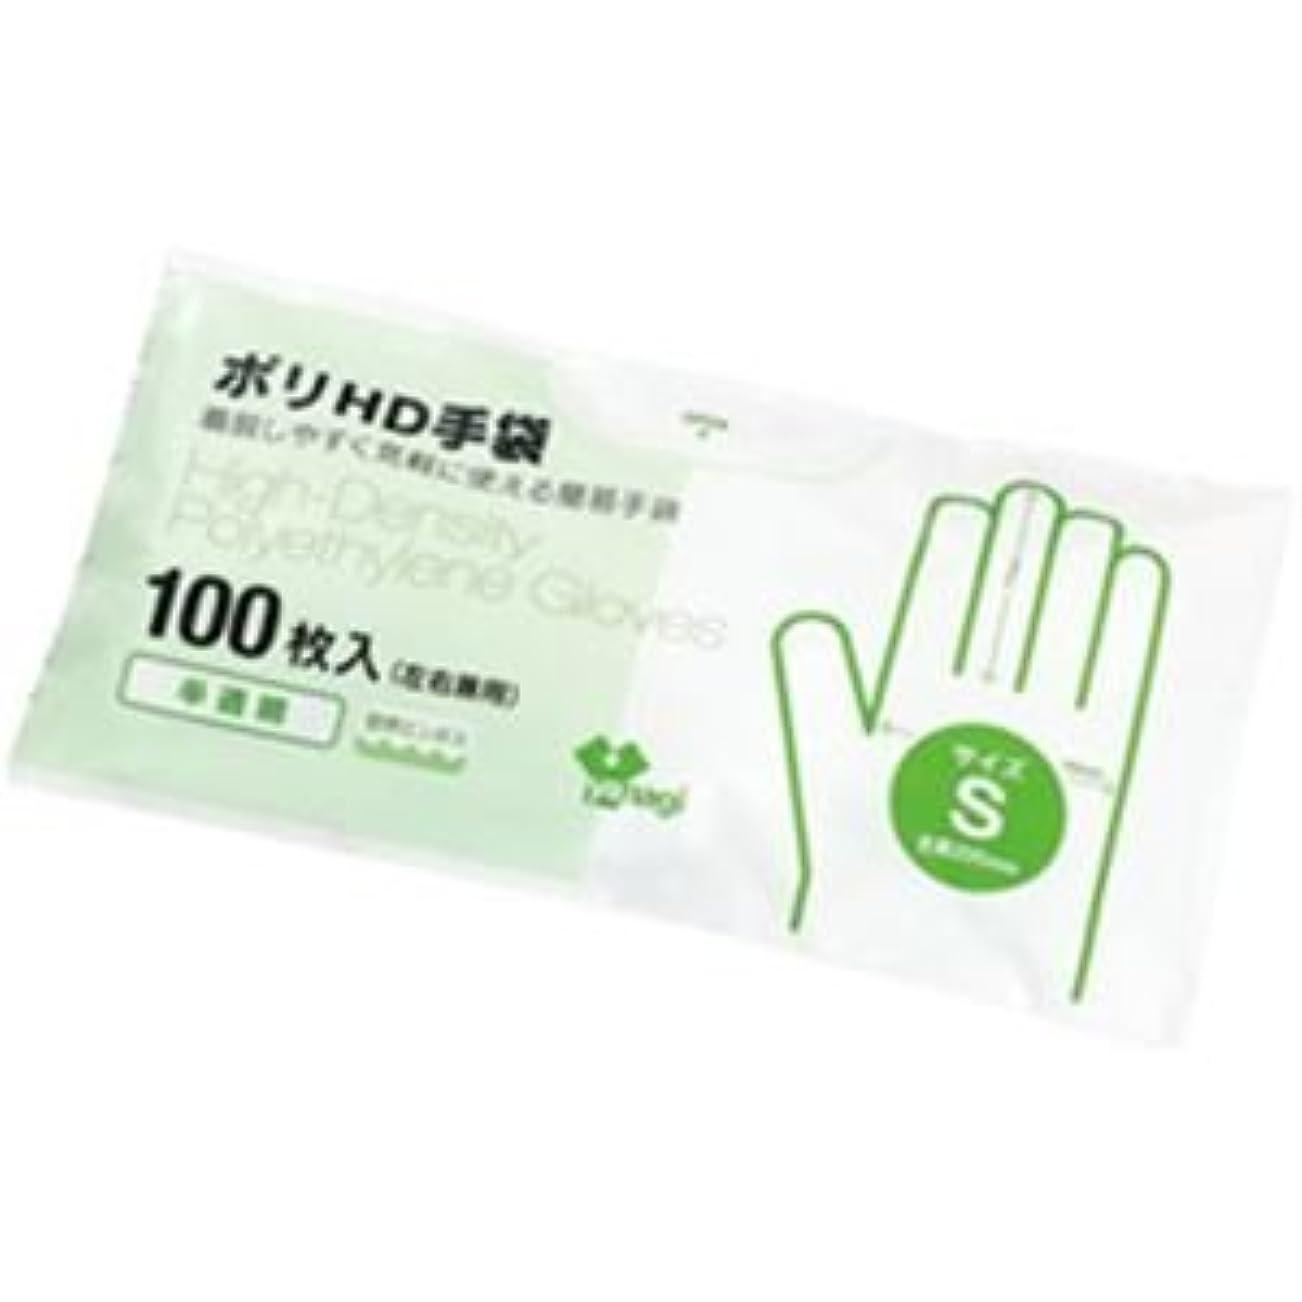 無効にする丈夫地球やなぎプロダクツ 高密度ポリエチレン手袋 S 半透明 1箱(100枚) ×30セット